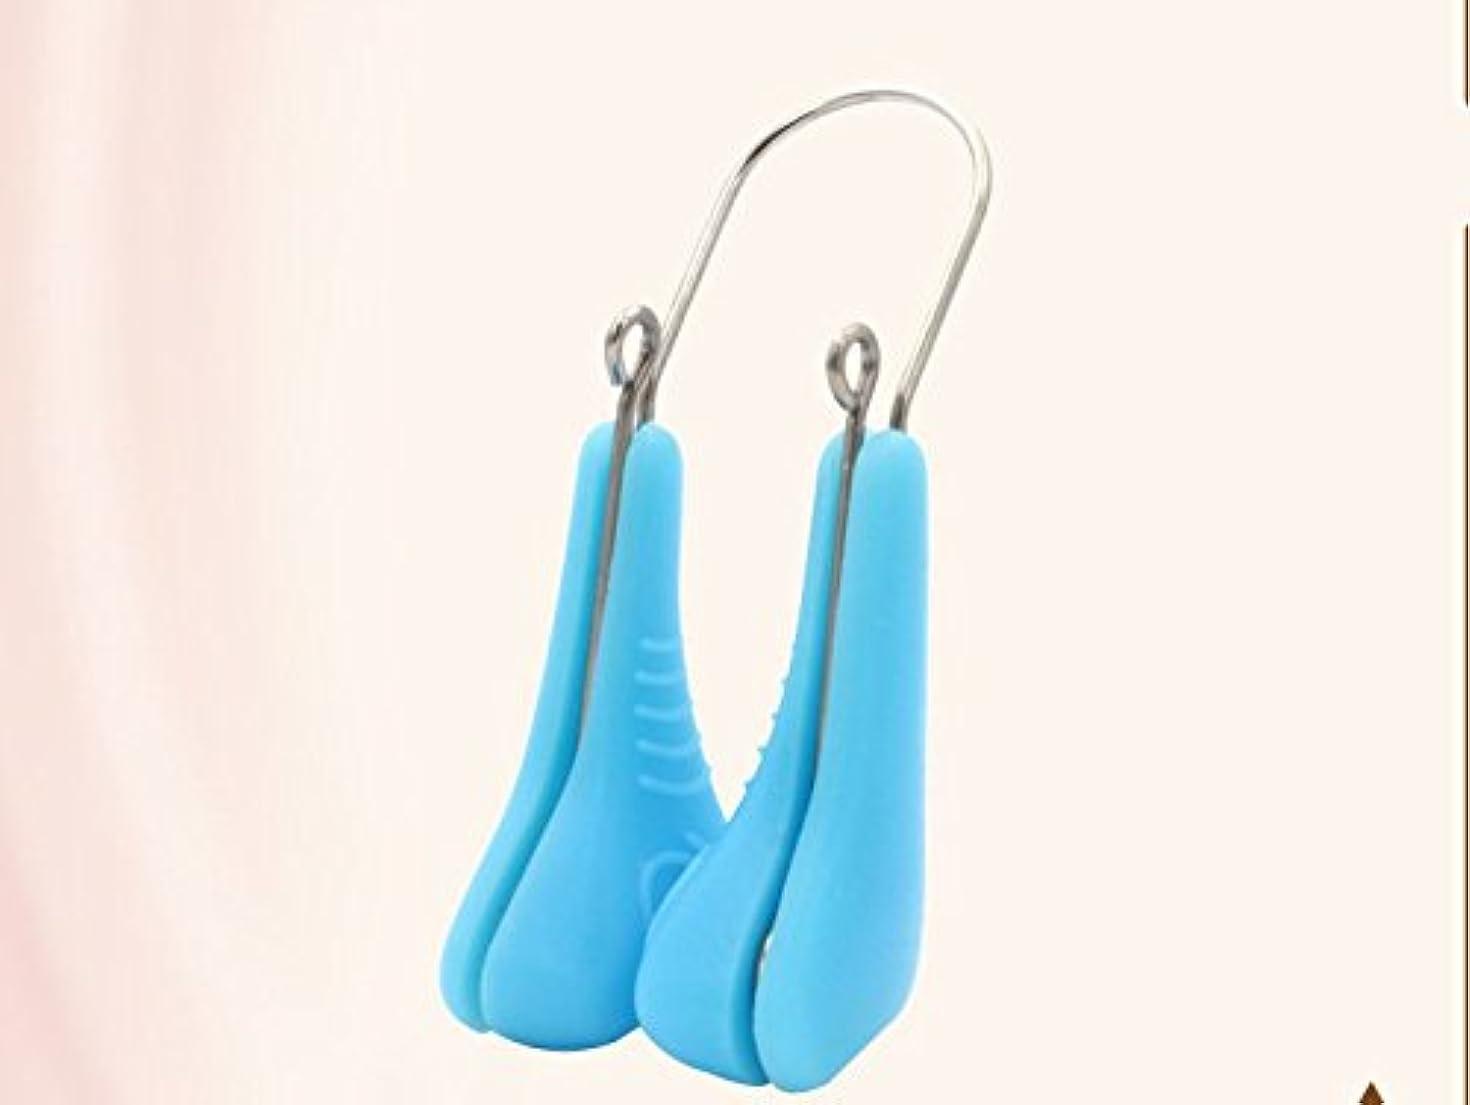 アウター聖なるおとこLiebeye ノーズアップ ノーズクリップ 美容ツール ノーズ整形 プラスチック 女性 ブルー